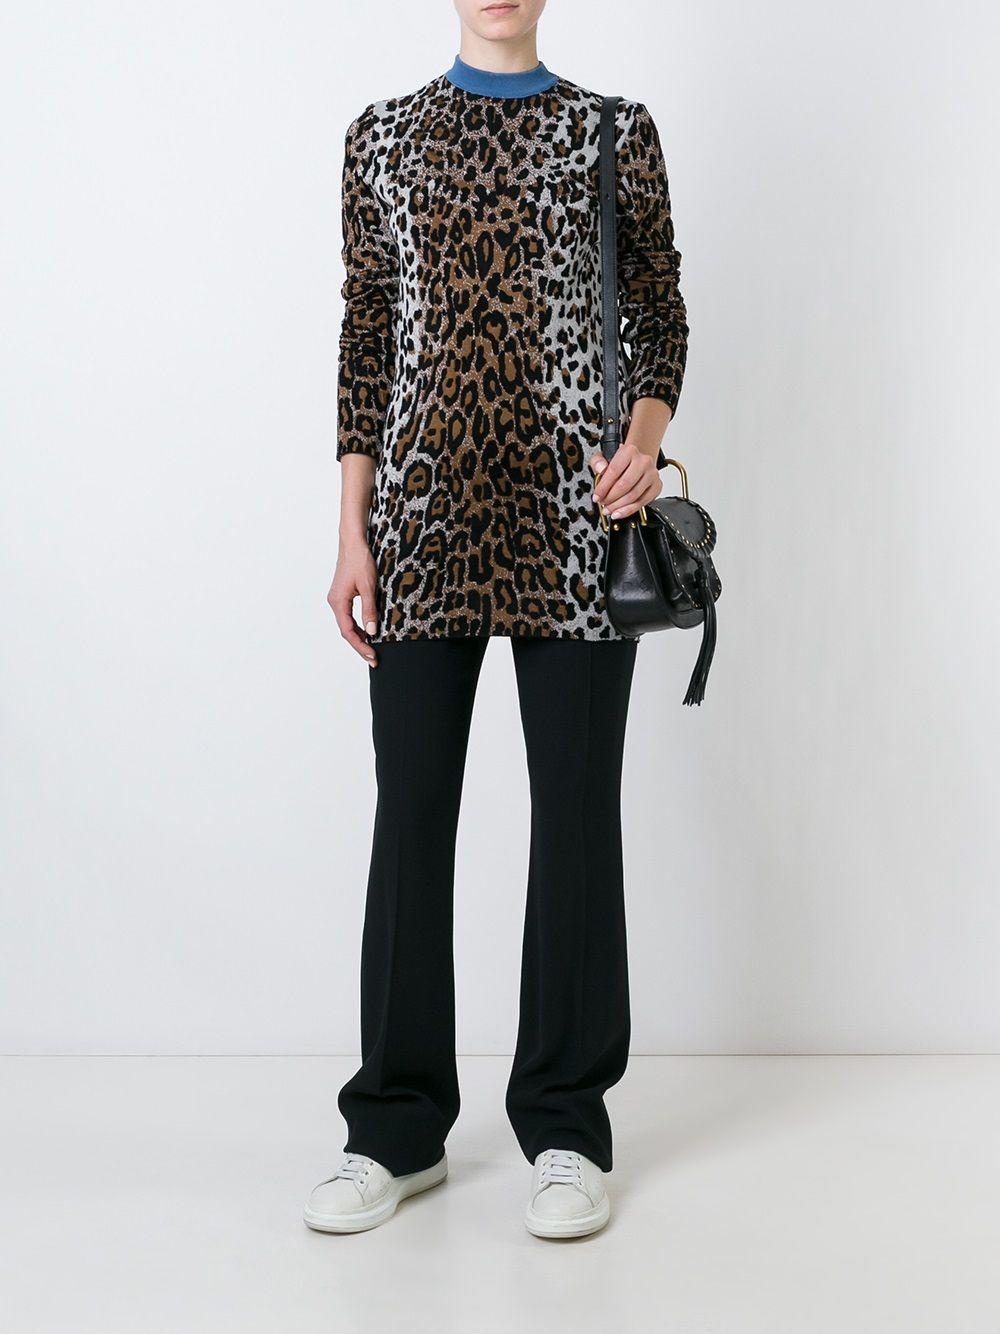 Stella McCartney | джемпер с круглым вырезом с животным принтом | Clouty